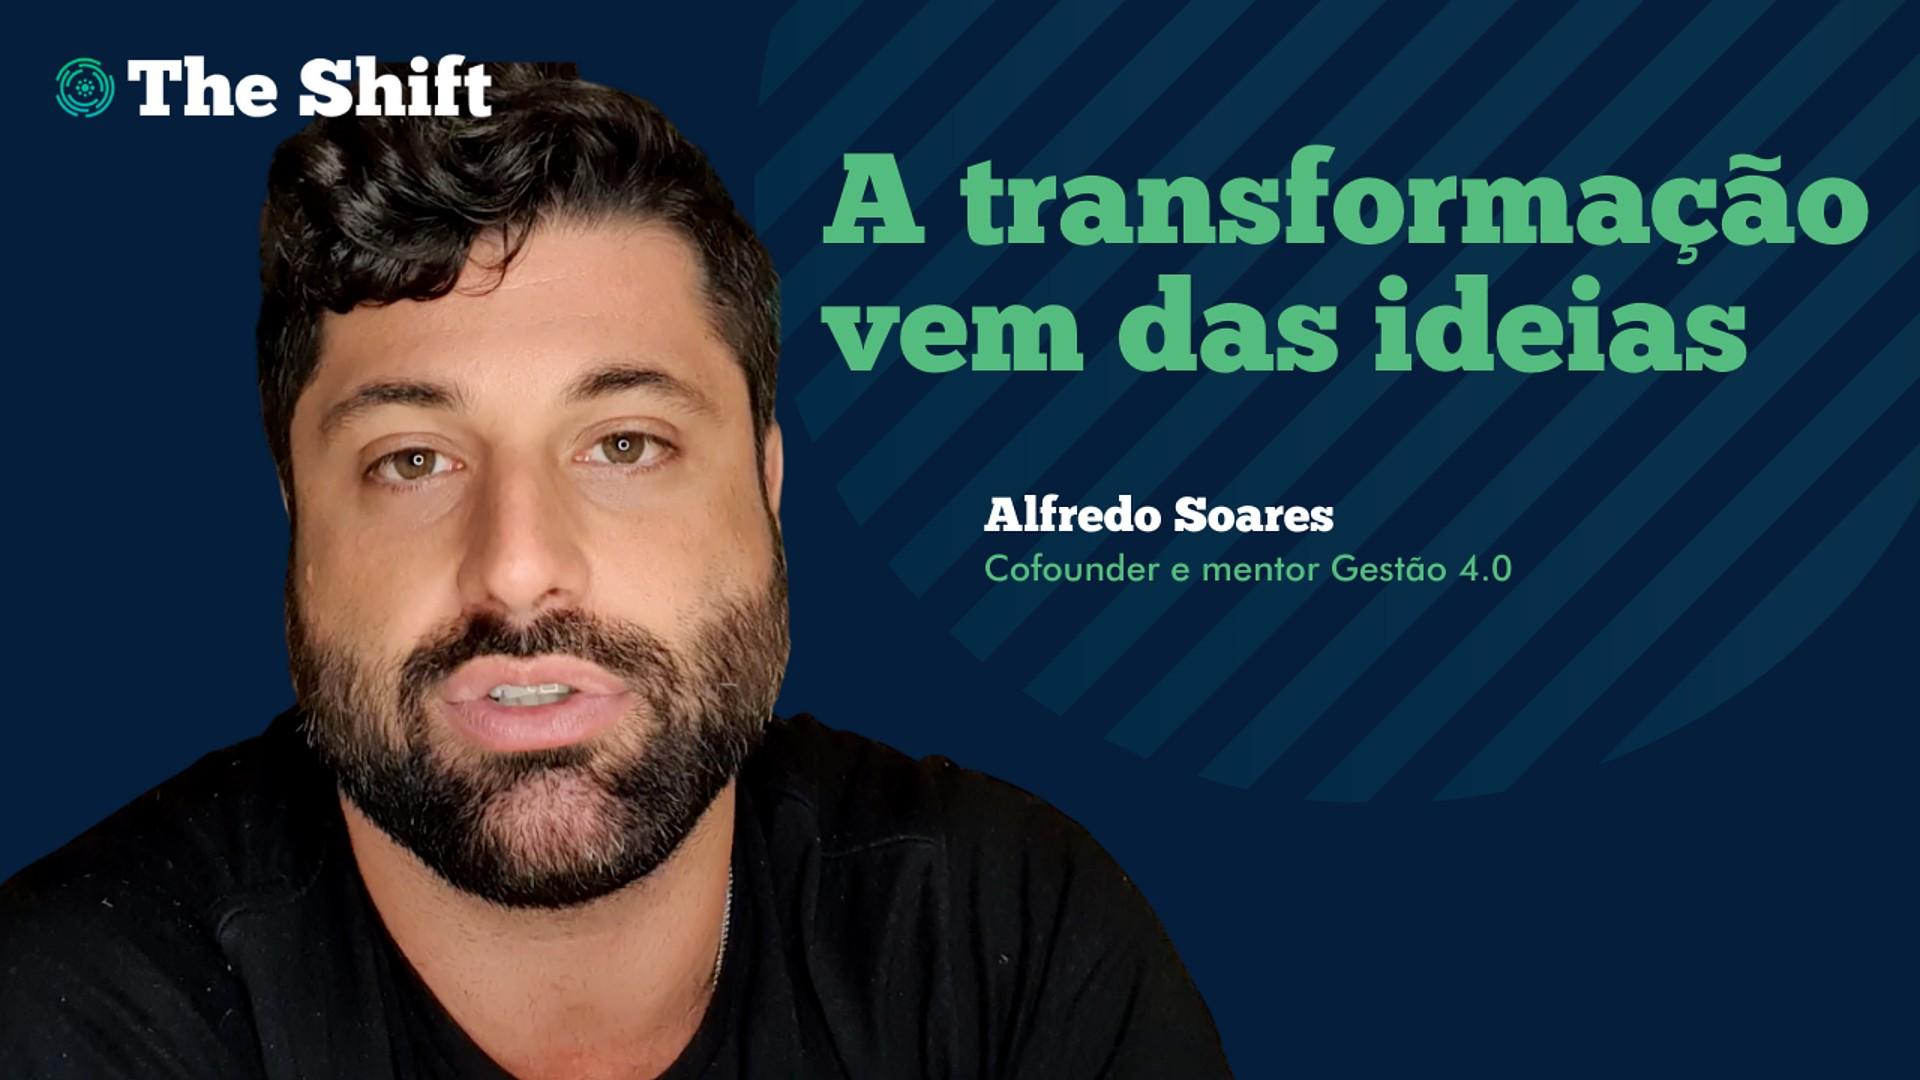 A transformação de uma empresa vem das ideias